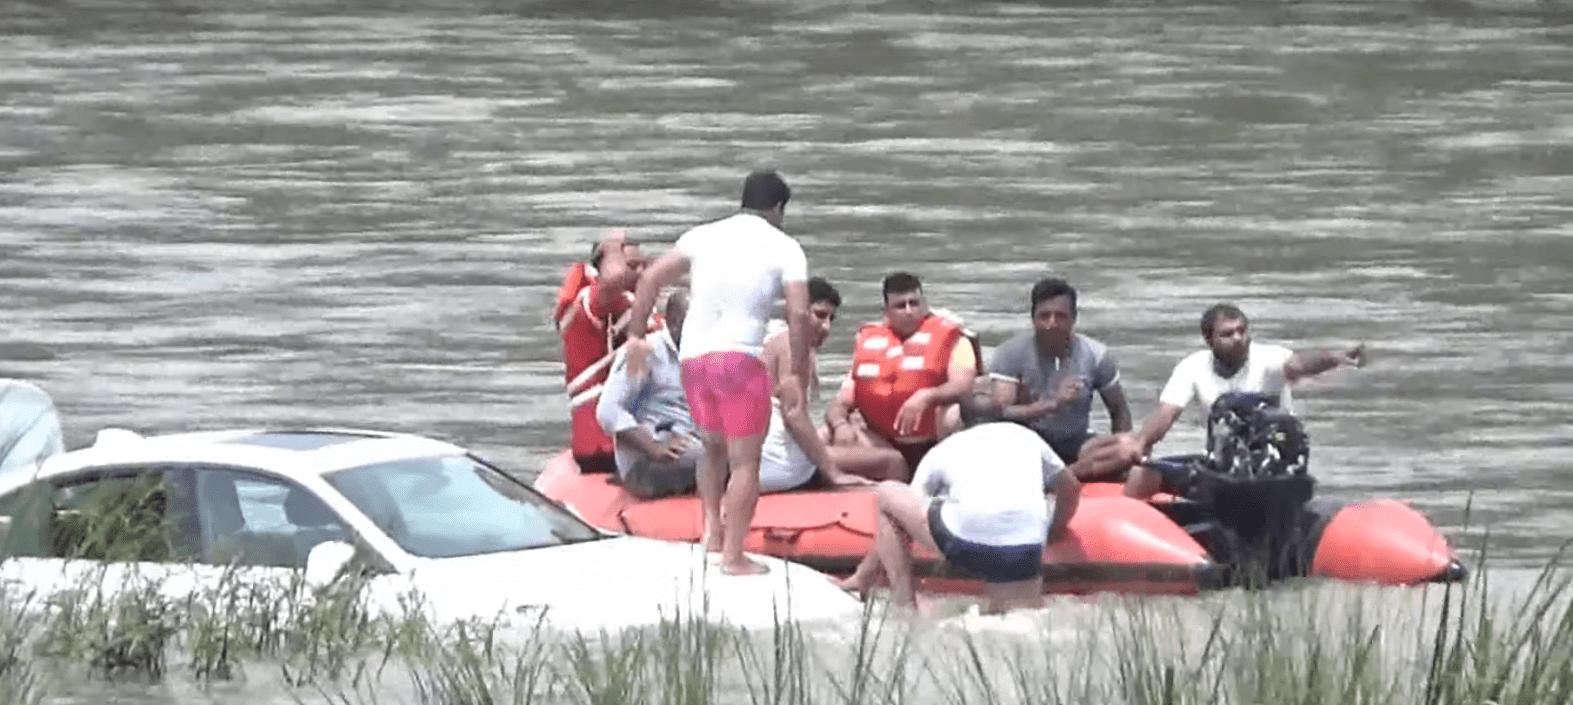 Equipos de rescate tratando de rescatar el BMW. | Fuente: YouTube / Uttarakhand Post